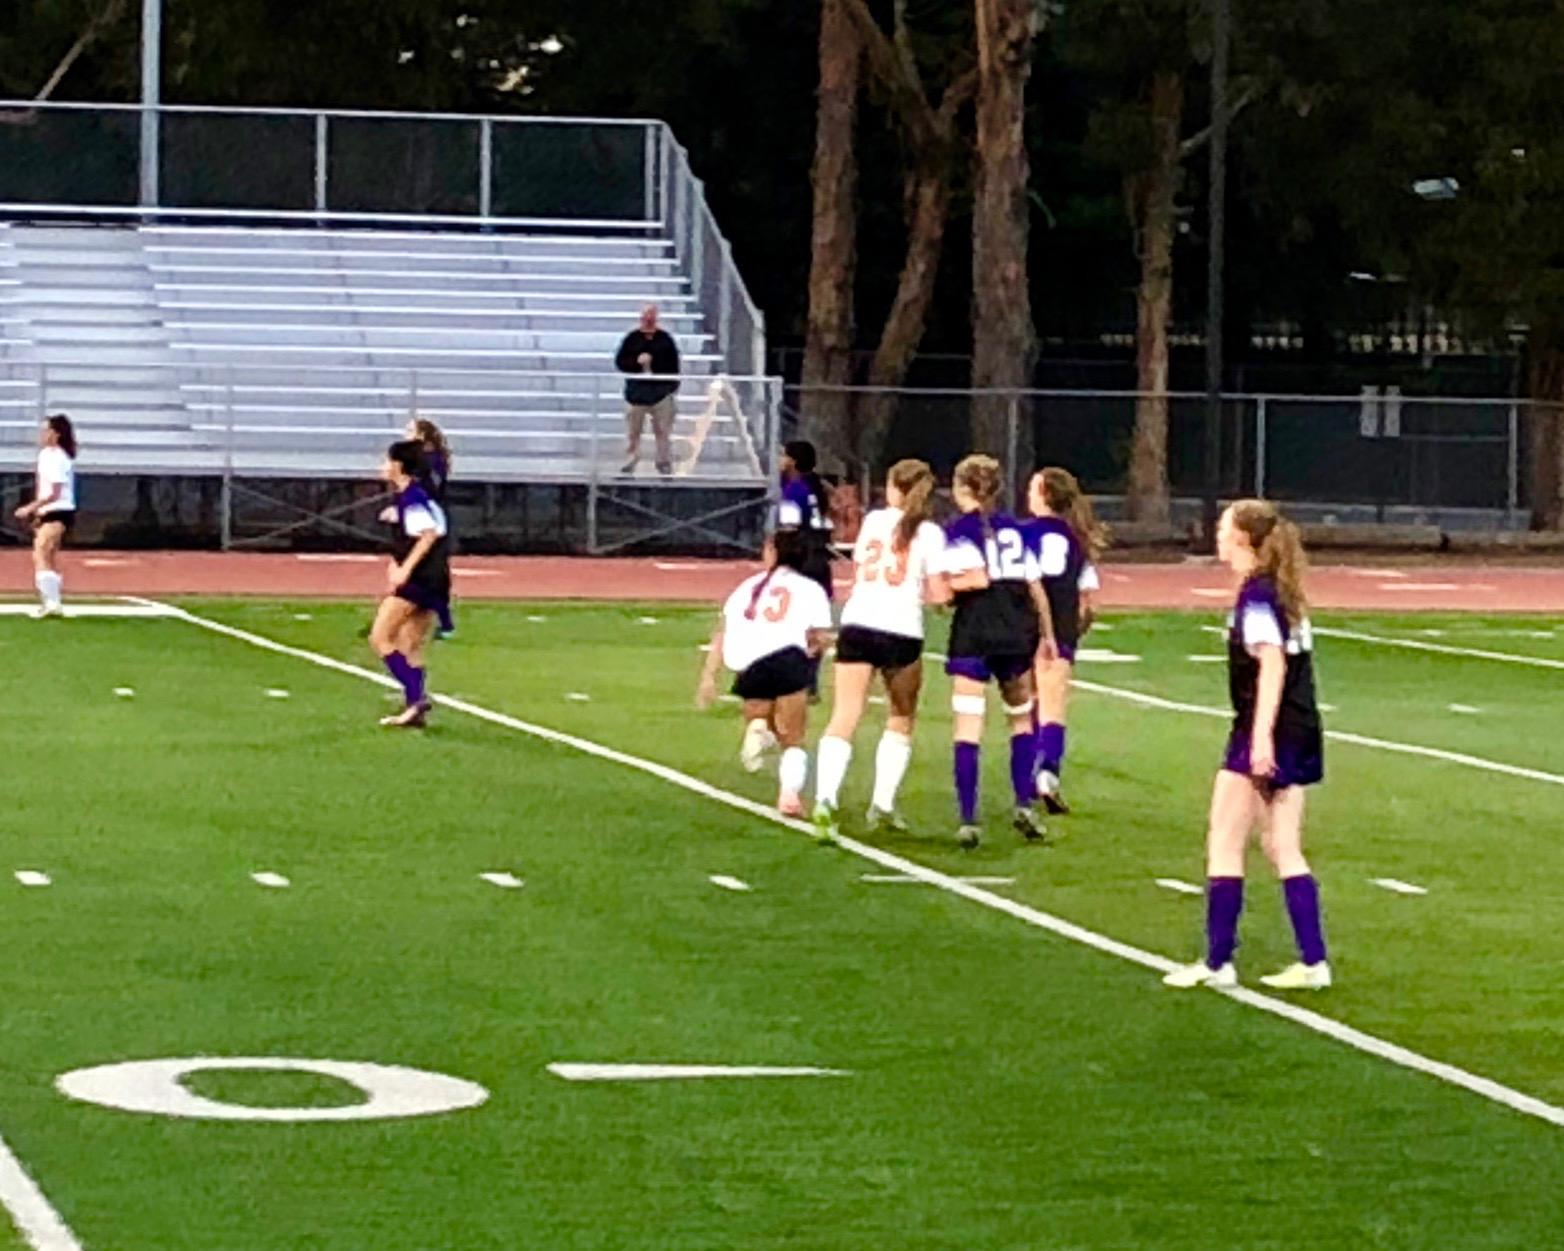 Bearcats defeat Sequoia 2-1